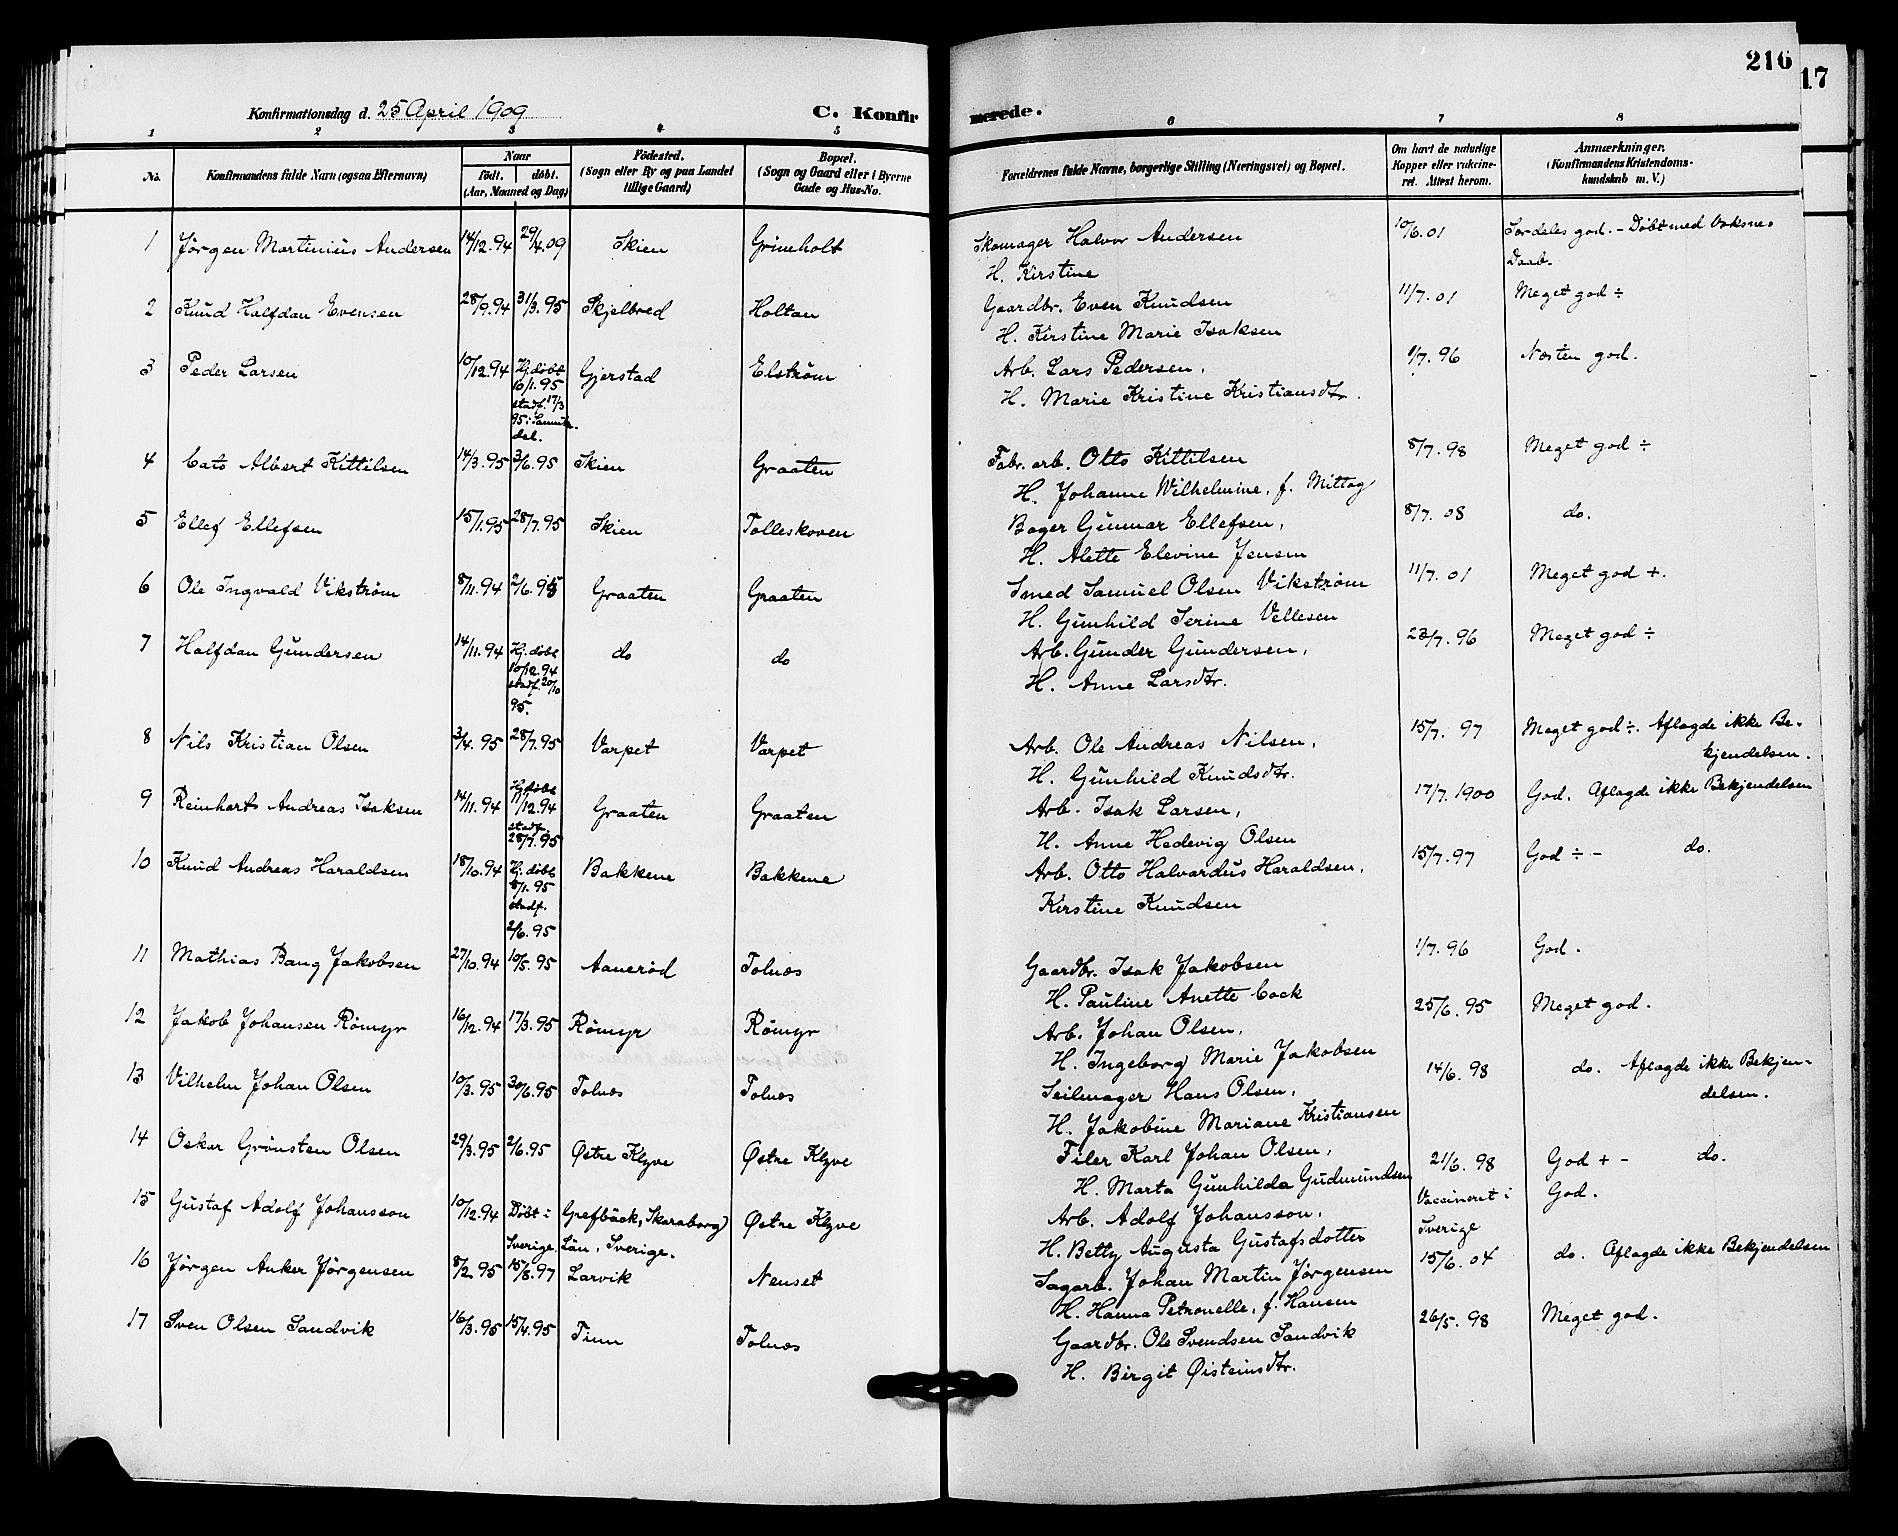 SAKO, Solum kirkebøker, G/Ga/L0008: Klokkerbok nr. I 8, 1898-1909, s. 216